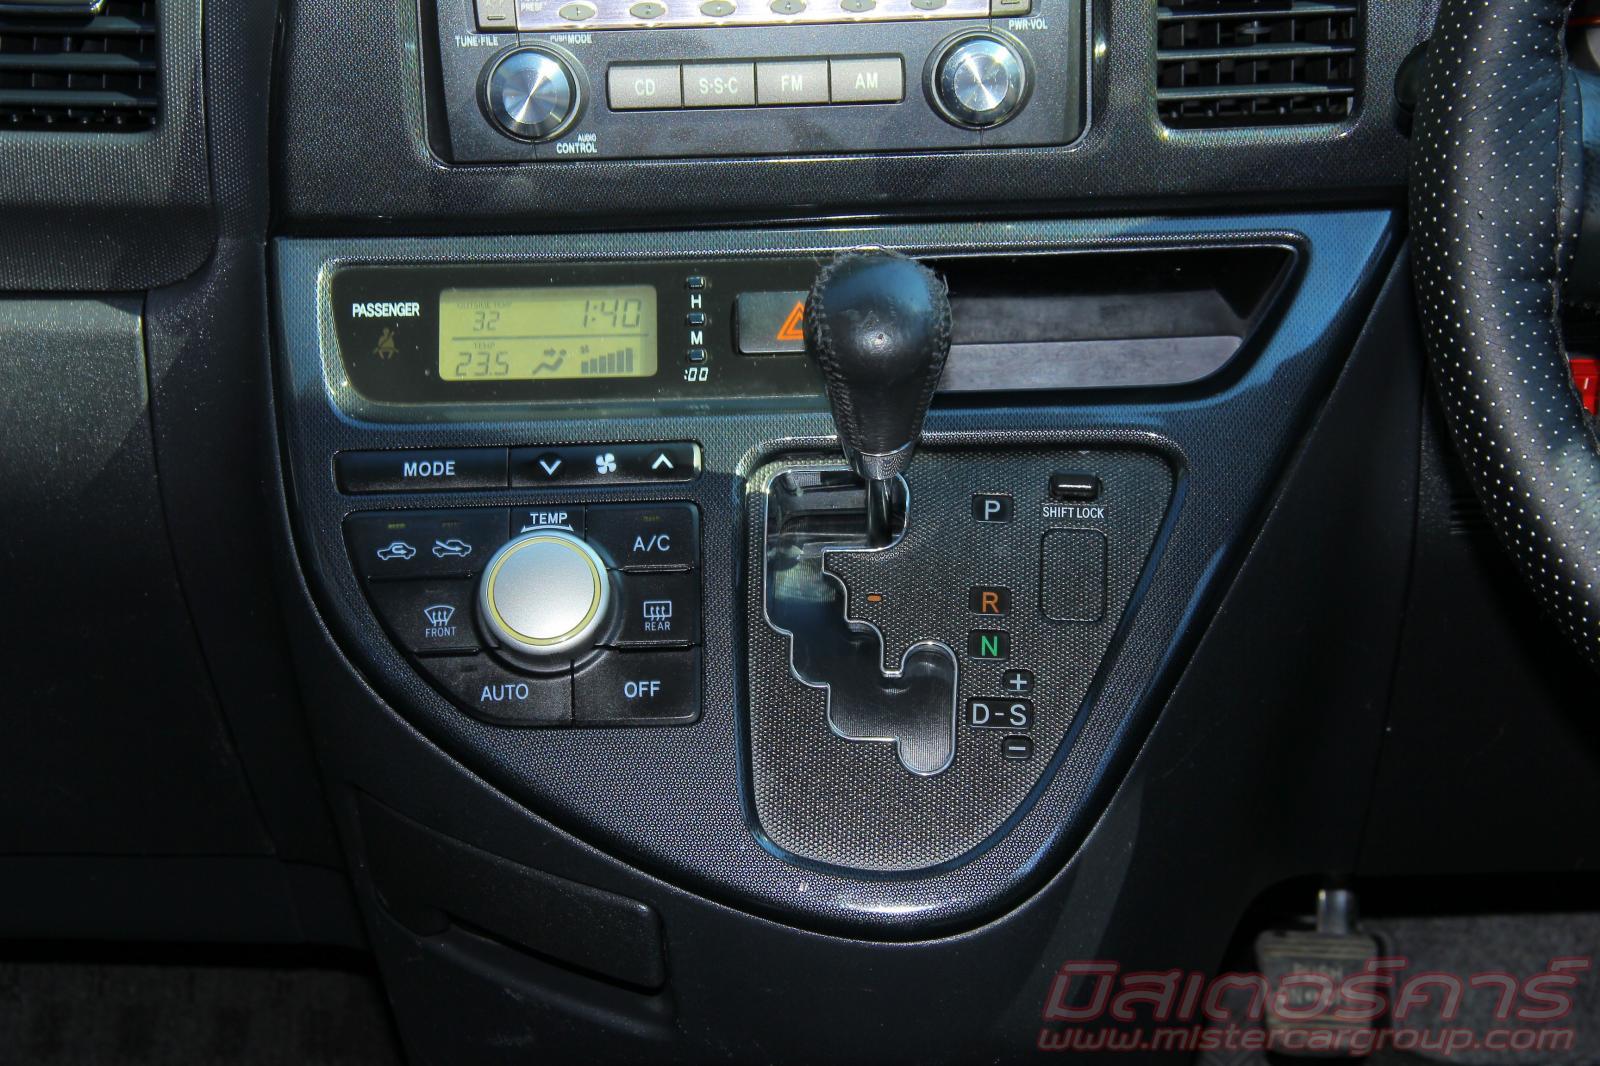 2007 ขายรถ TOYOTA WISH 2.0 Q *ฟรีดาวน์ *ไม่ต้องมีคนค้ำ